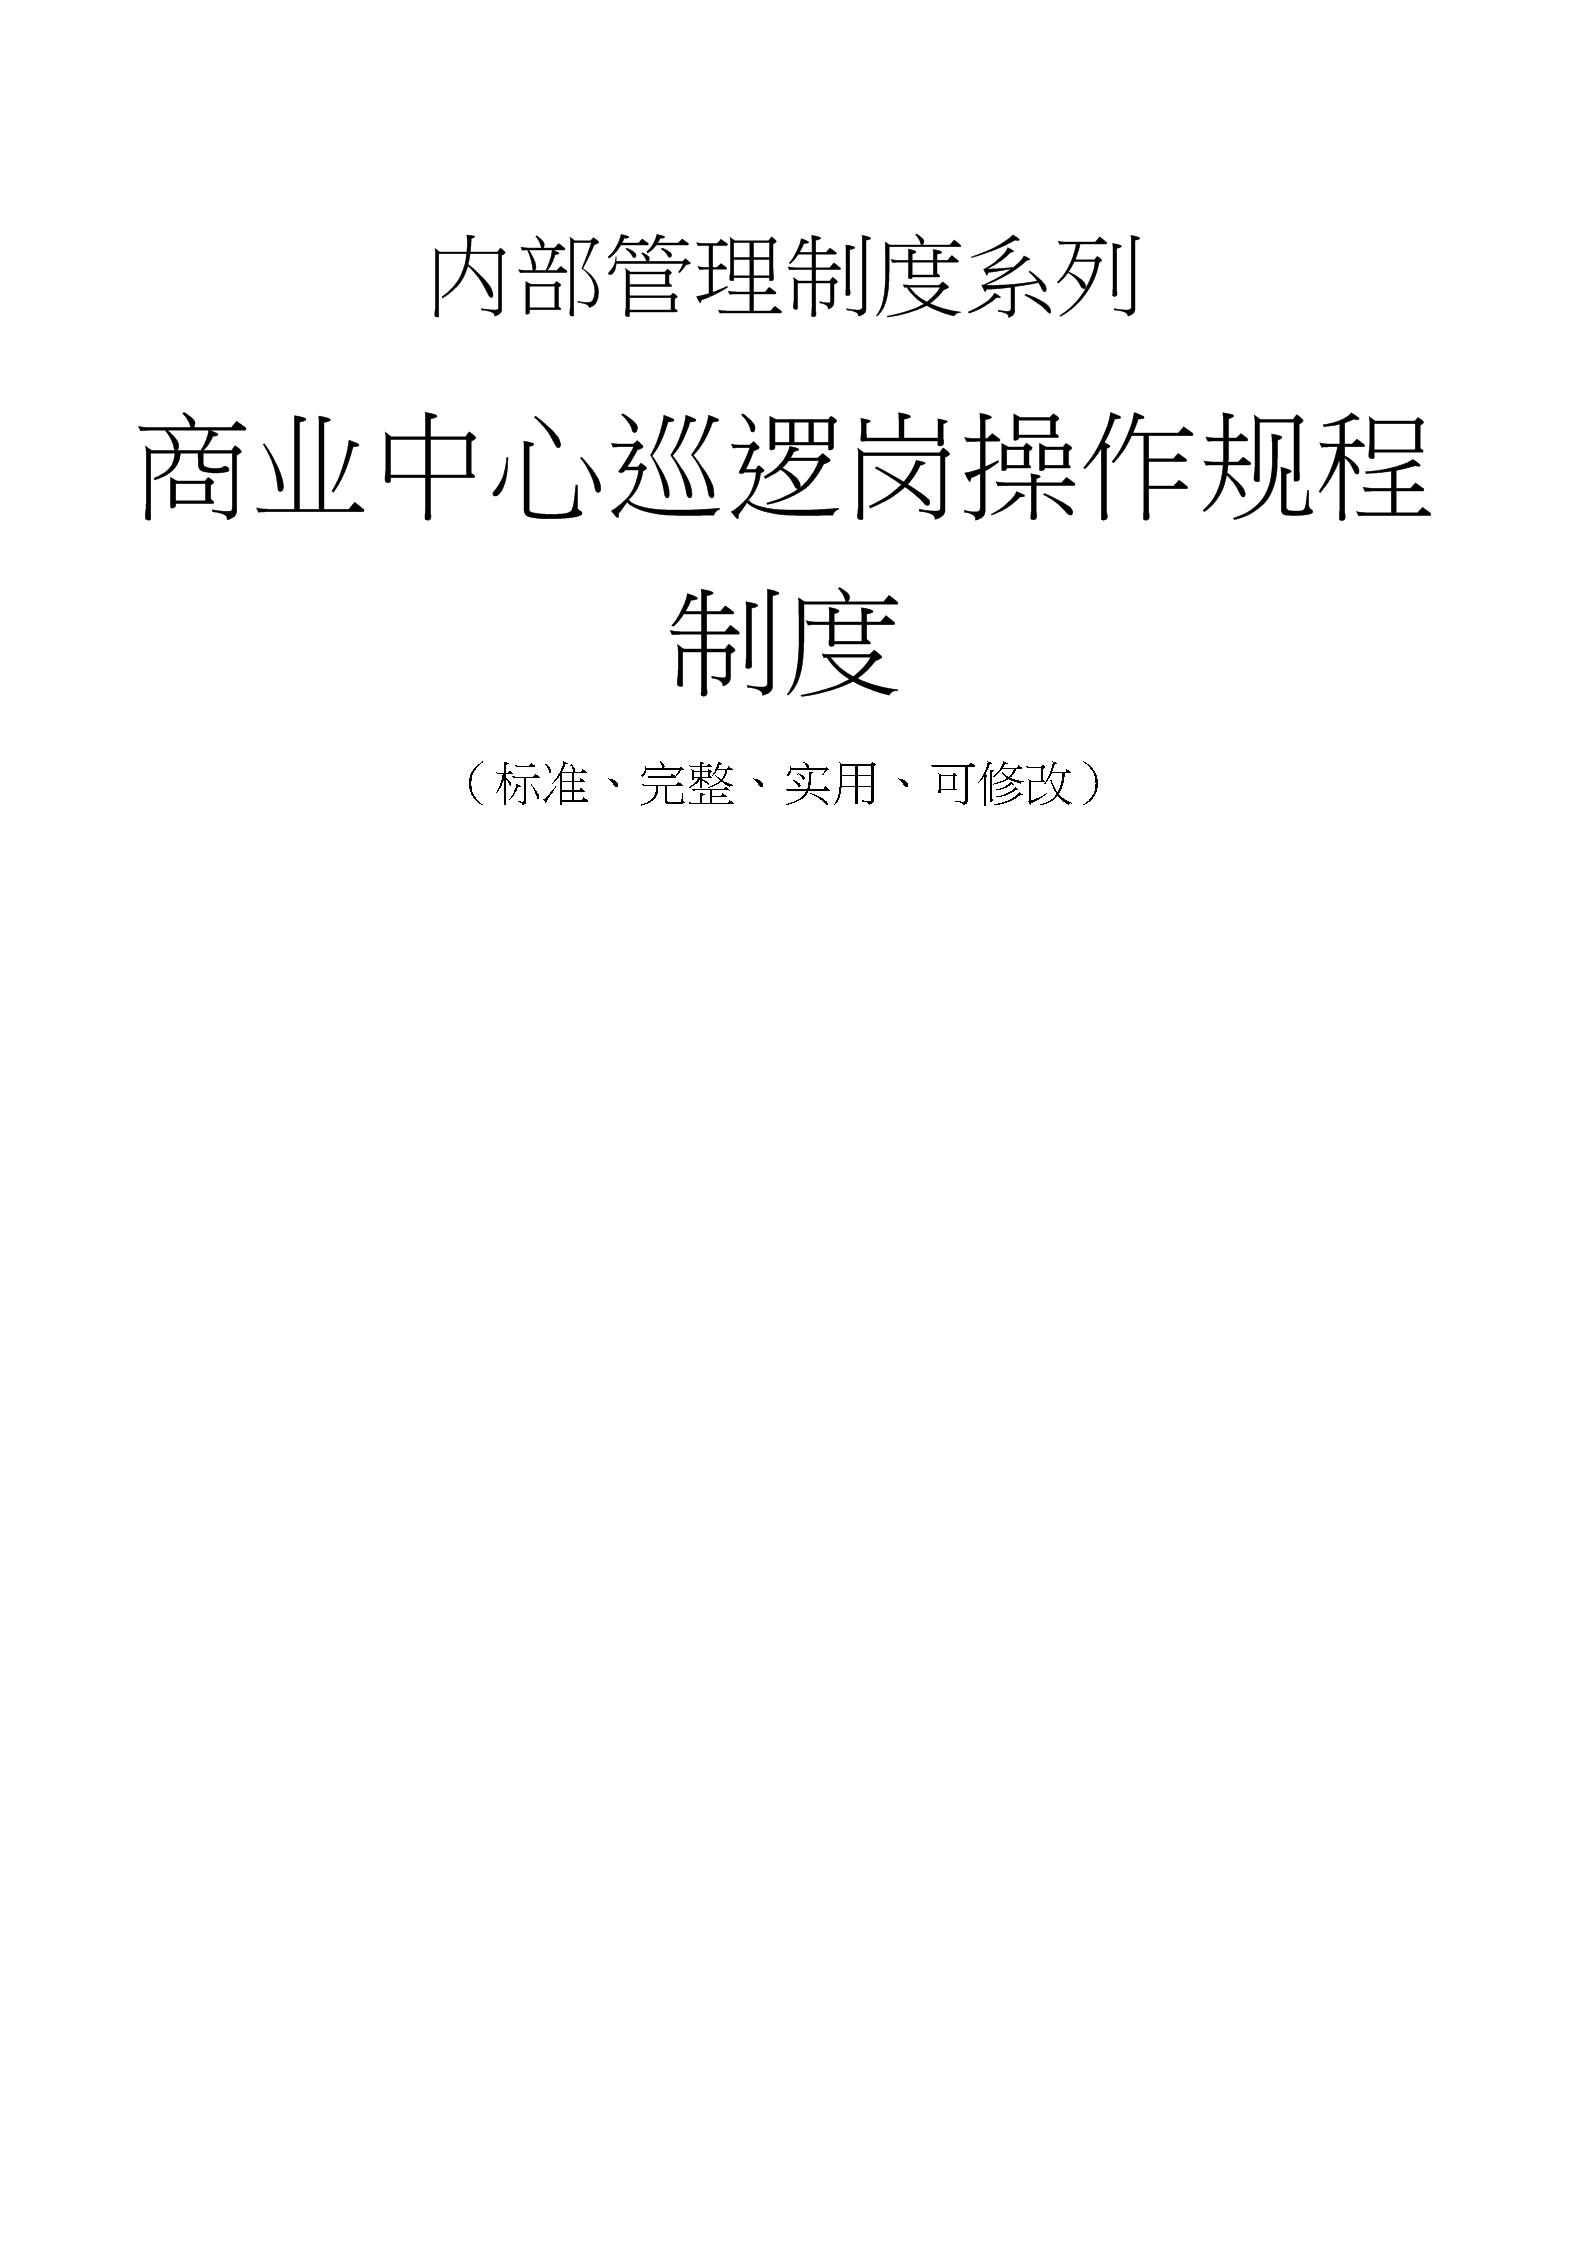 商业中心巡逻岗操作规程管理制度.docx